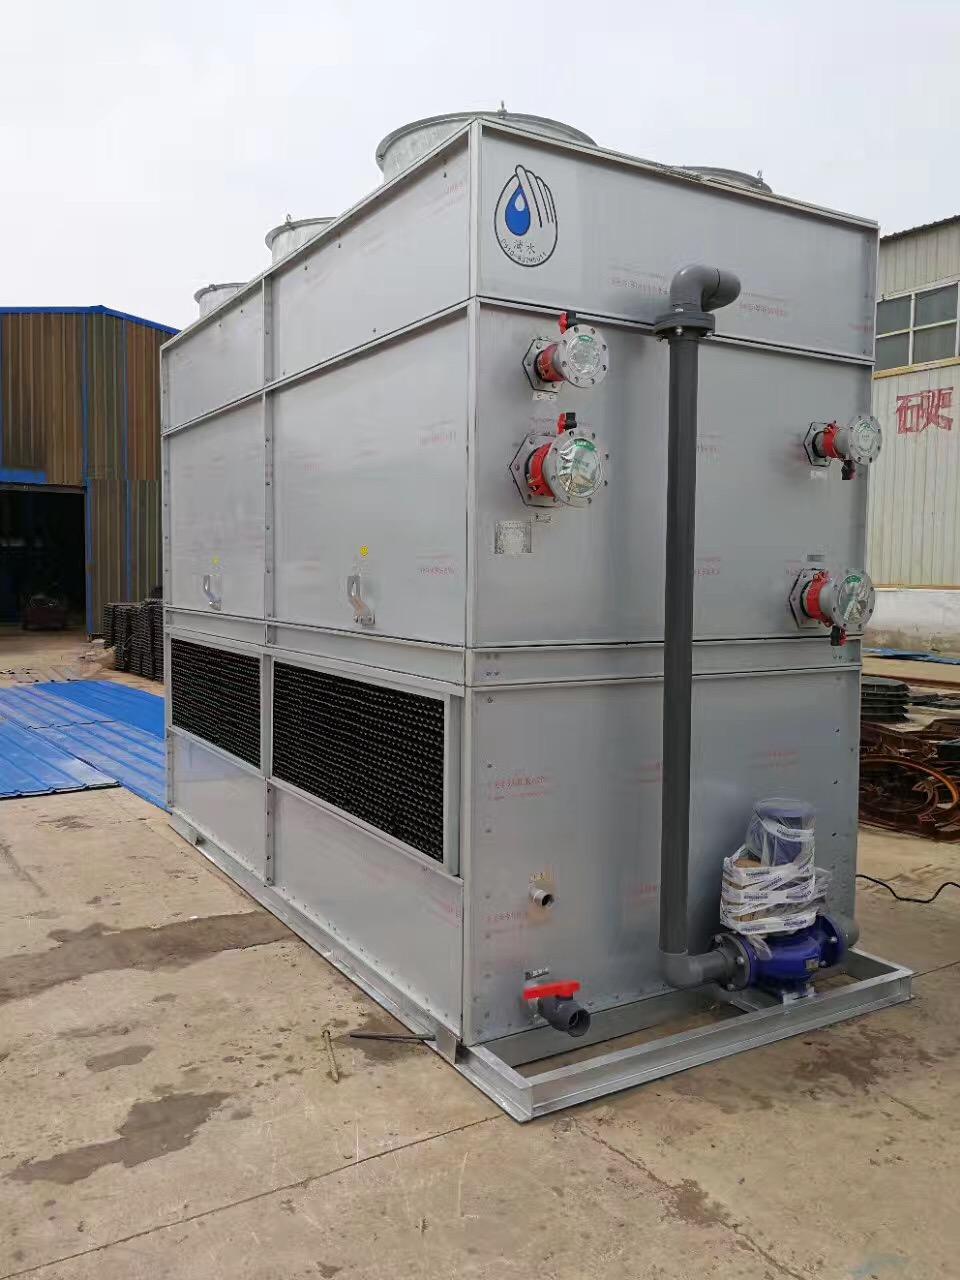 循环冷却封闭运转,所以不会被污染、浓缩、蒸发、飞溅,无须补充冷却,因而保障了相联设备的使用性能和寿命,大大降低日常维护难度。循环冷却因无阳光直射且不与空气接触,所以不会产生藻类和氧化物结晶从而保障整个系统高性能运行。无须停机保养维护,运行稳定安全,可减低相联设备故障率,适合需要连续运转的系统。